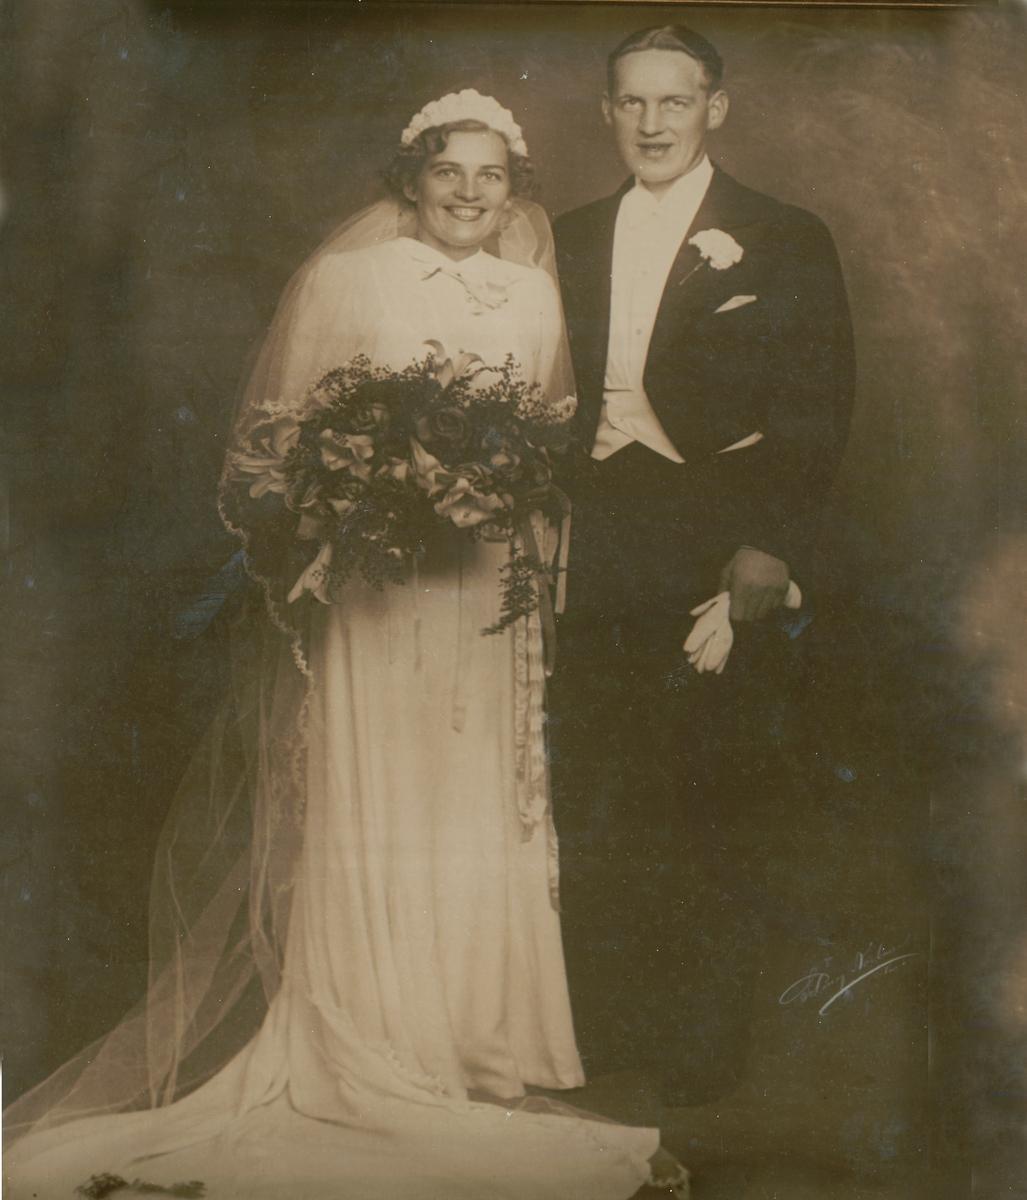 Smal kjole med langt slep. 3 bredde og innsatte kiler i skjørtet. Forbredden går opp i en spiss helt til halsåpningen, sidestykker lett rynket til denne og danner lett blusende fasong- Bak er skjørtet fastsydd til ryggen i livlinjen Lange puffermer.  Knappes bak med 19 kuleknappe og hemper av stoffet.  Brukt som brudekjole først av Ella Viktoria Hjallum i 1939. Hun giftet seg i Fagerborg kirke. Brukt 2. gang av datter Venke Hjallum Hagen ca. 1965 i Drammen